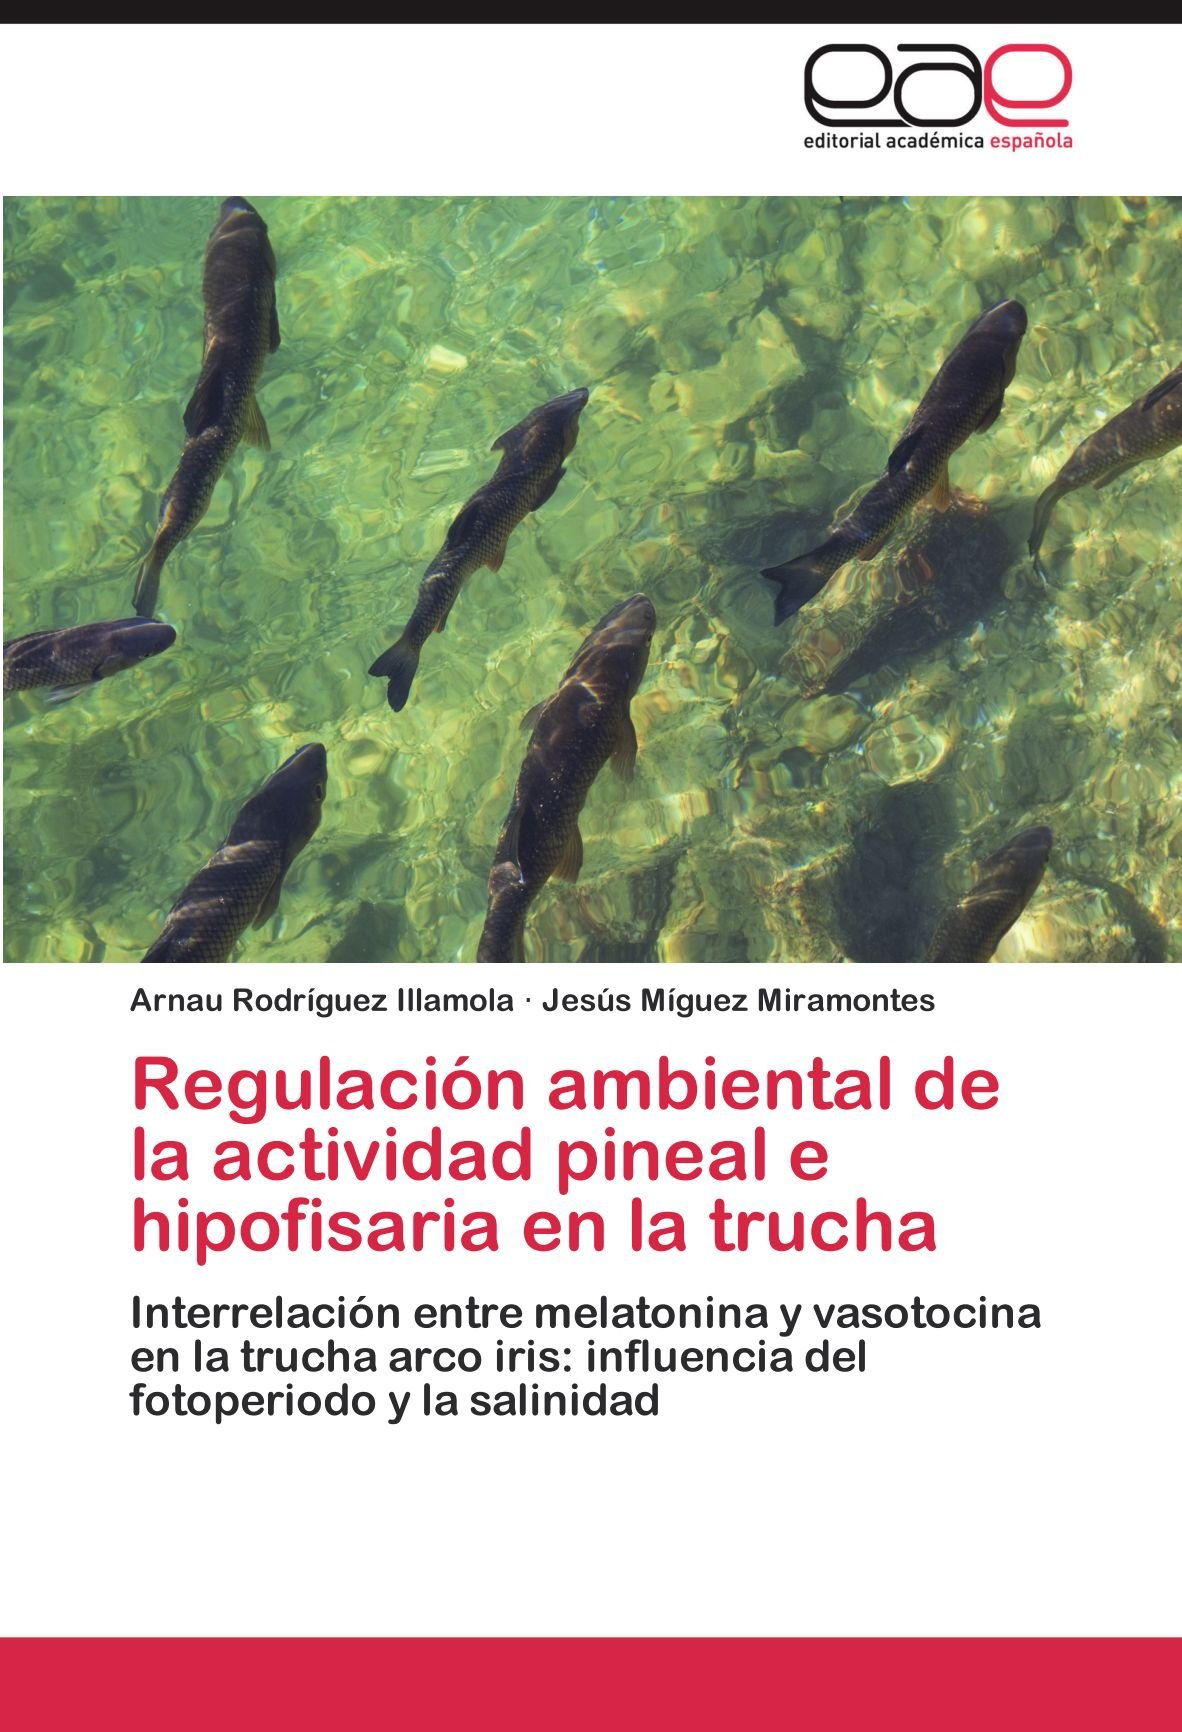 Regulacion Ambiental de La Actividad Pineal E Hipofisaria En La Trucha: Amazon.es: Arnau Rodr Guez Illamola, Jes S. M. Guez Miramontes, Arnau Rodriguez ...